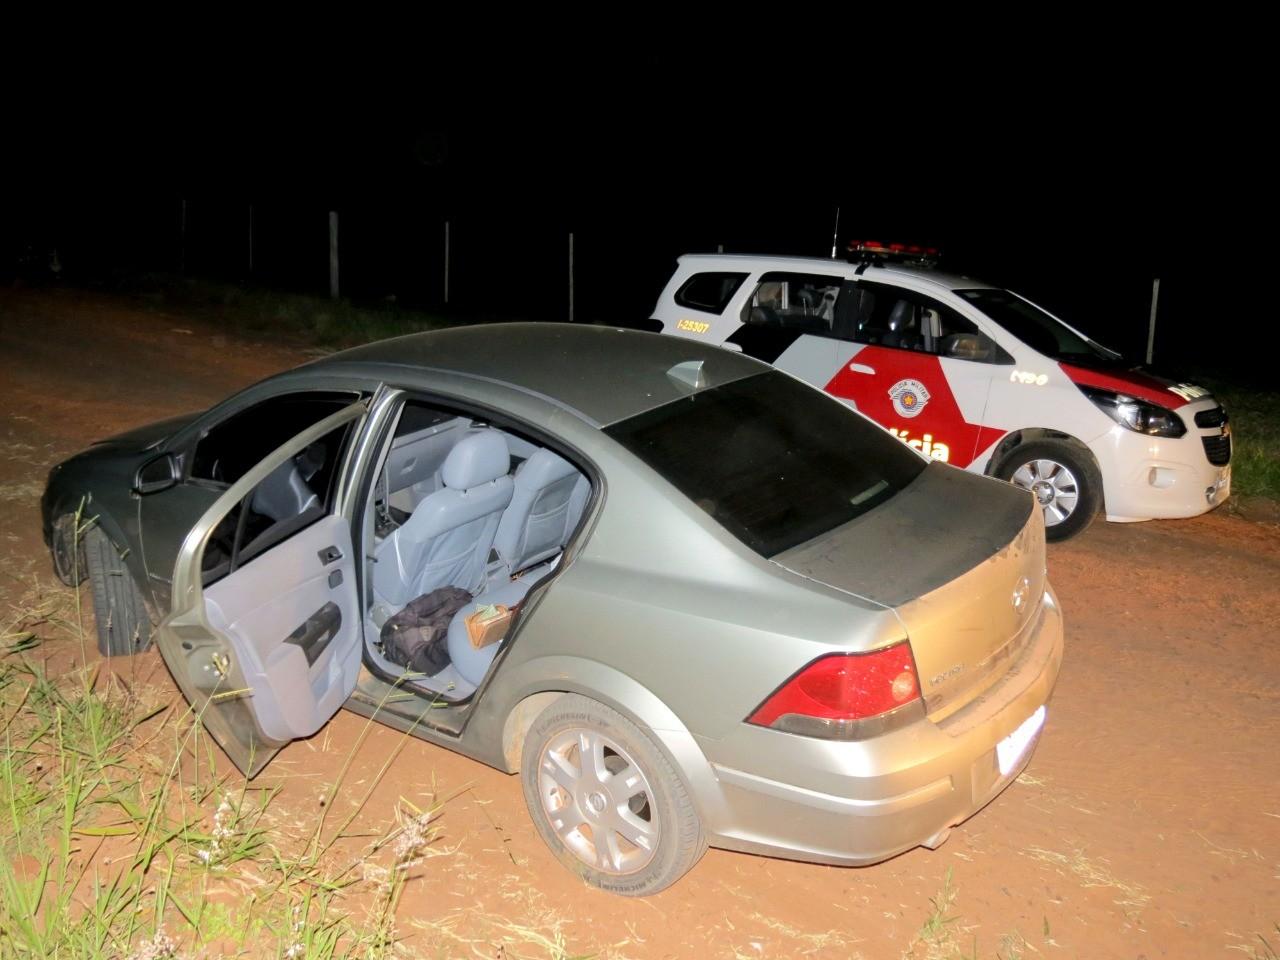 Bandidos fazem família refém, roubam caminhonete, R$ 9,9 mil e vários objetos, em Osvaldo Cruz - Noticias